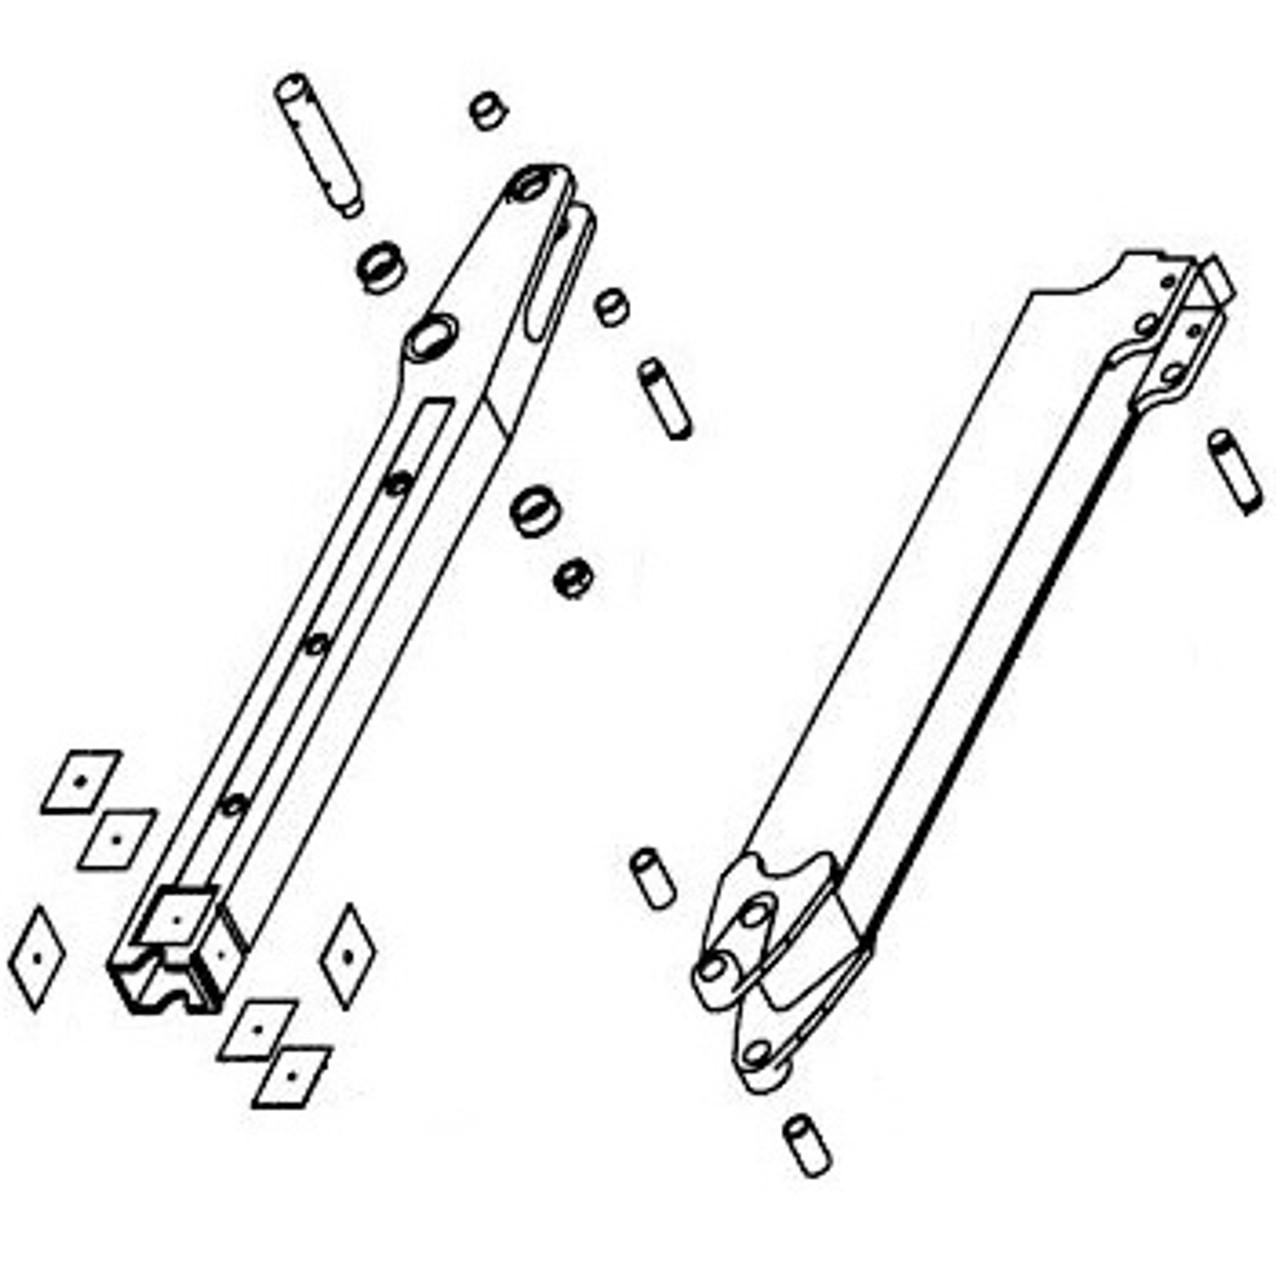 Extendahoe Dipper Arm Parts